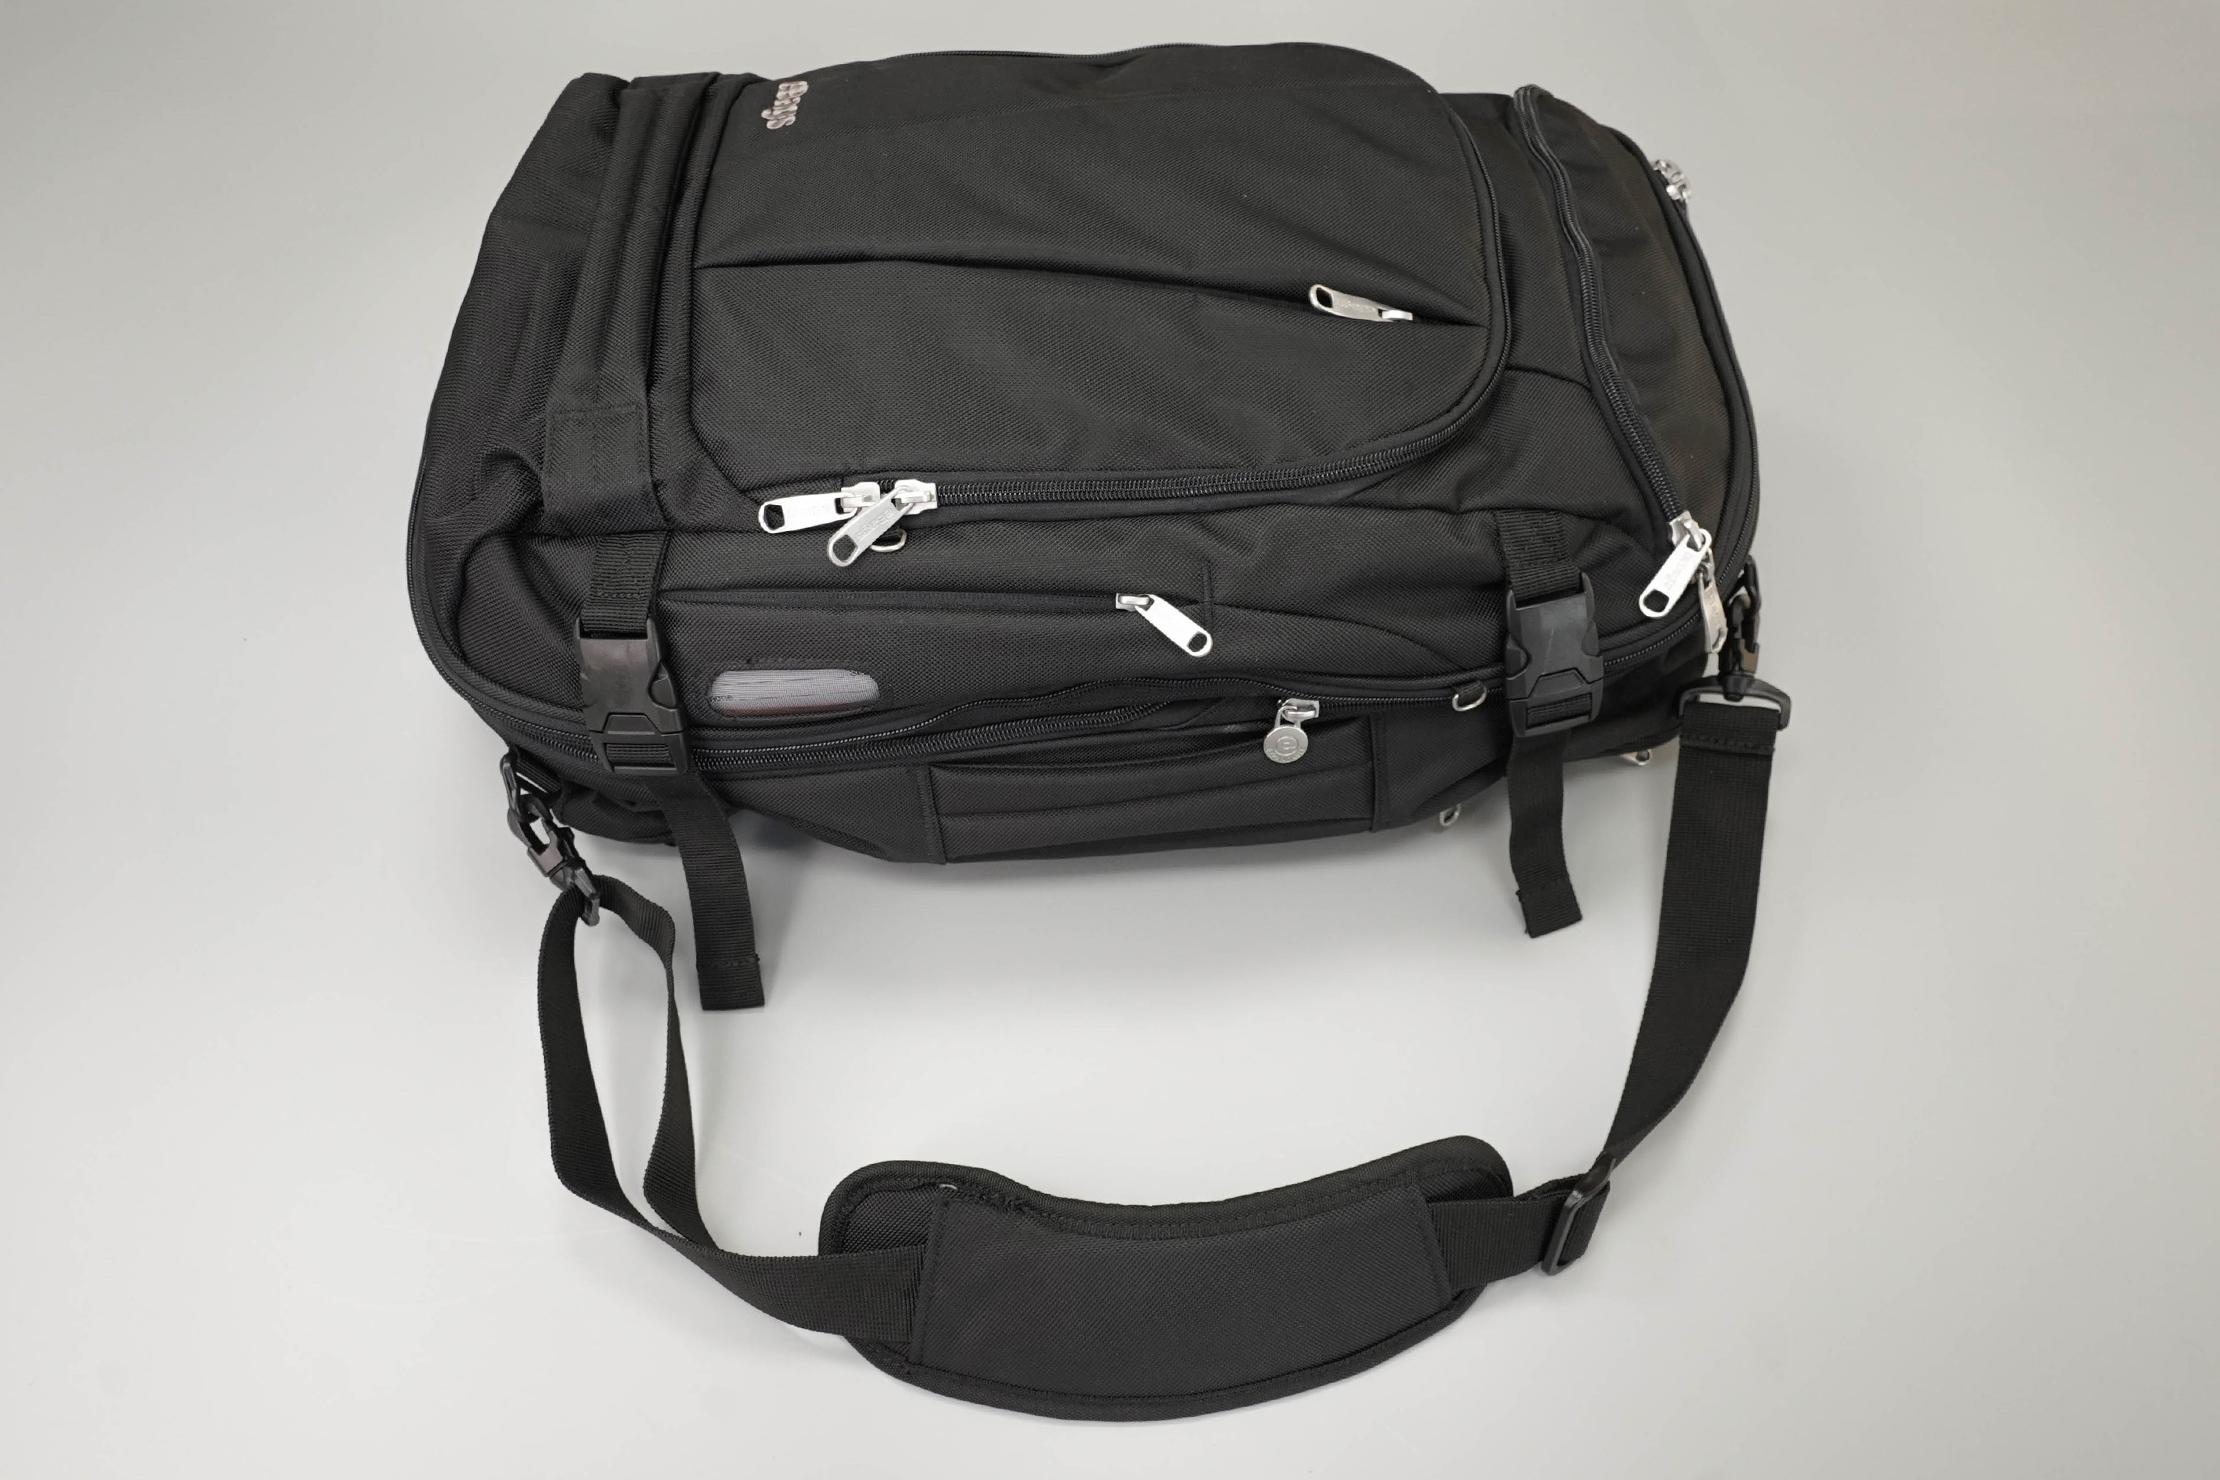 eBags TLS Mother Lode Weekender Convertible Messenger Carry